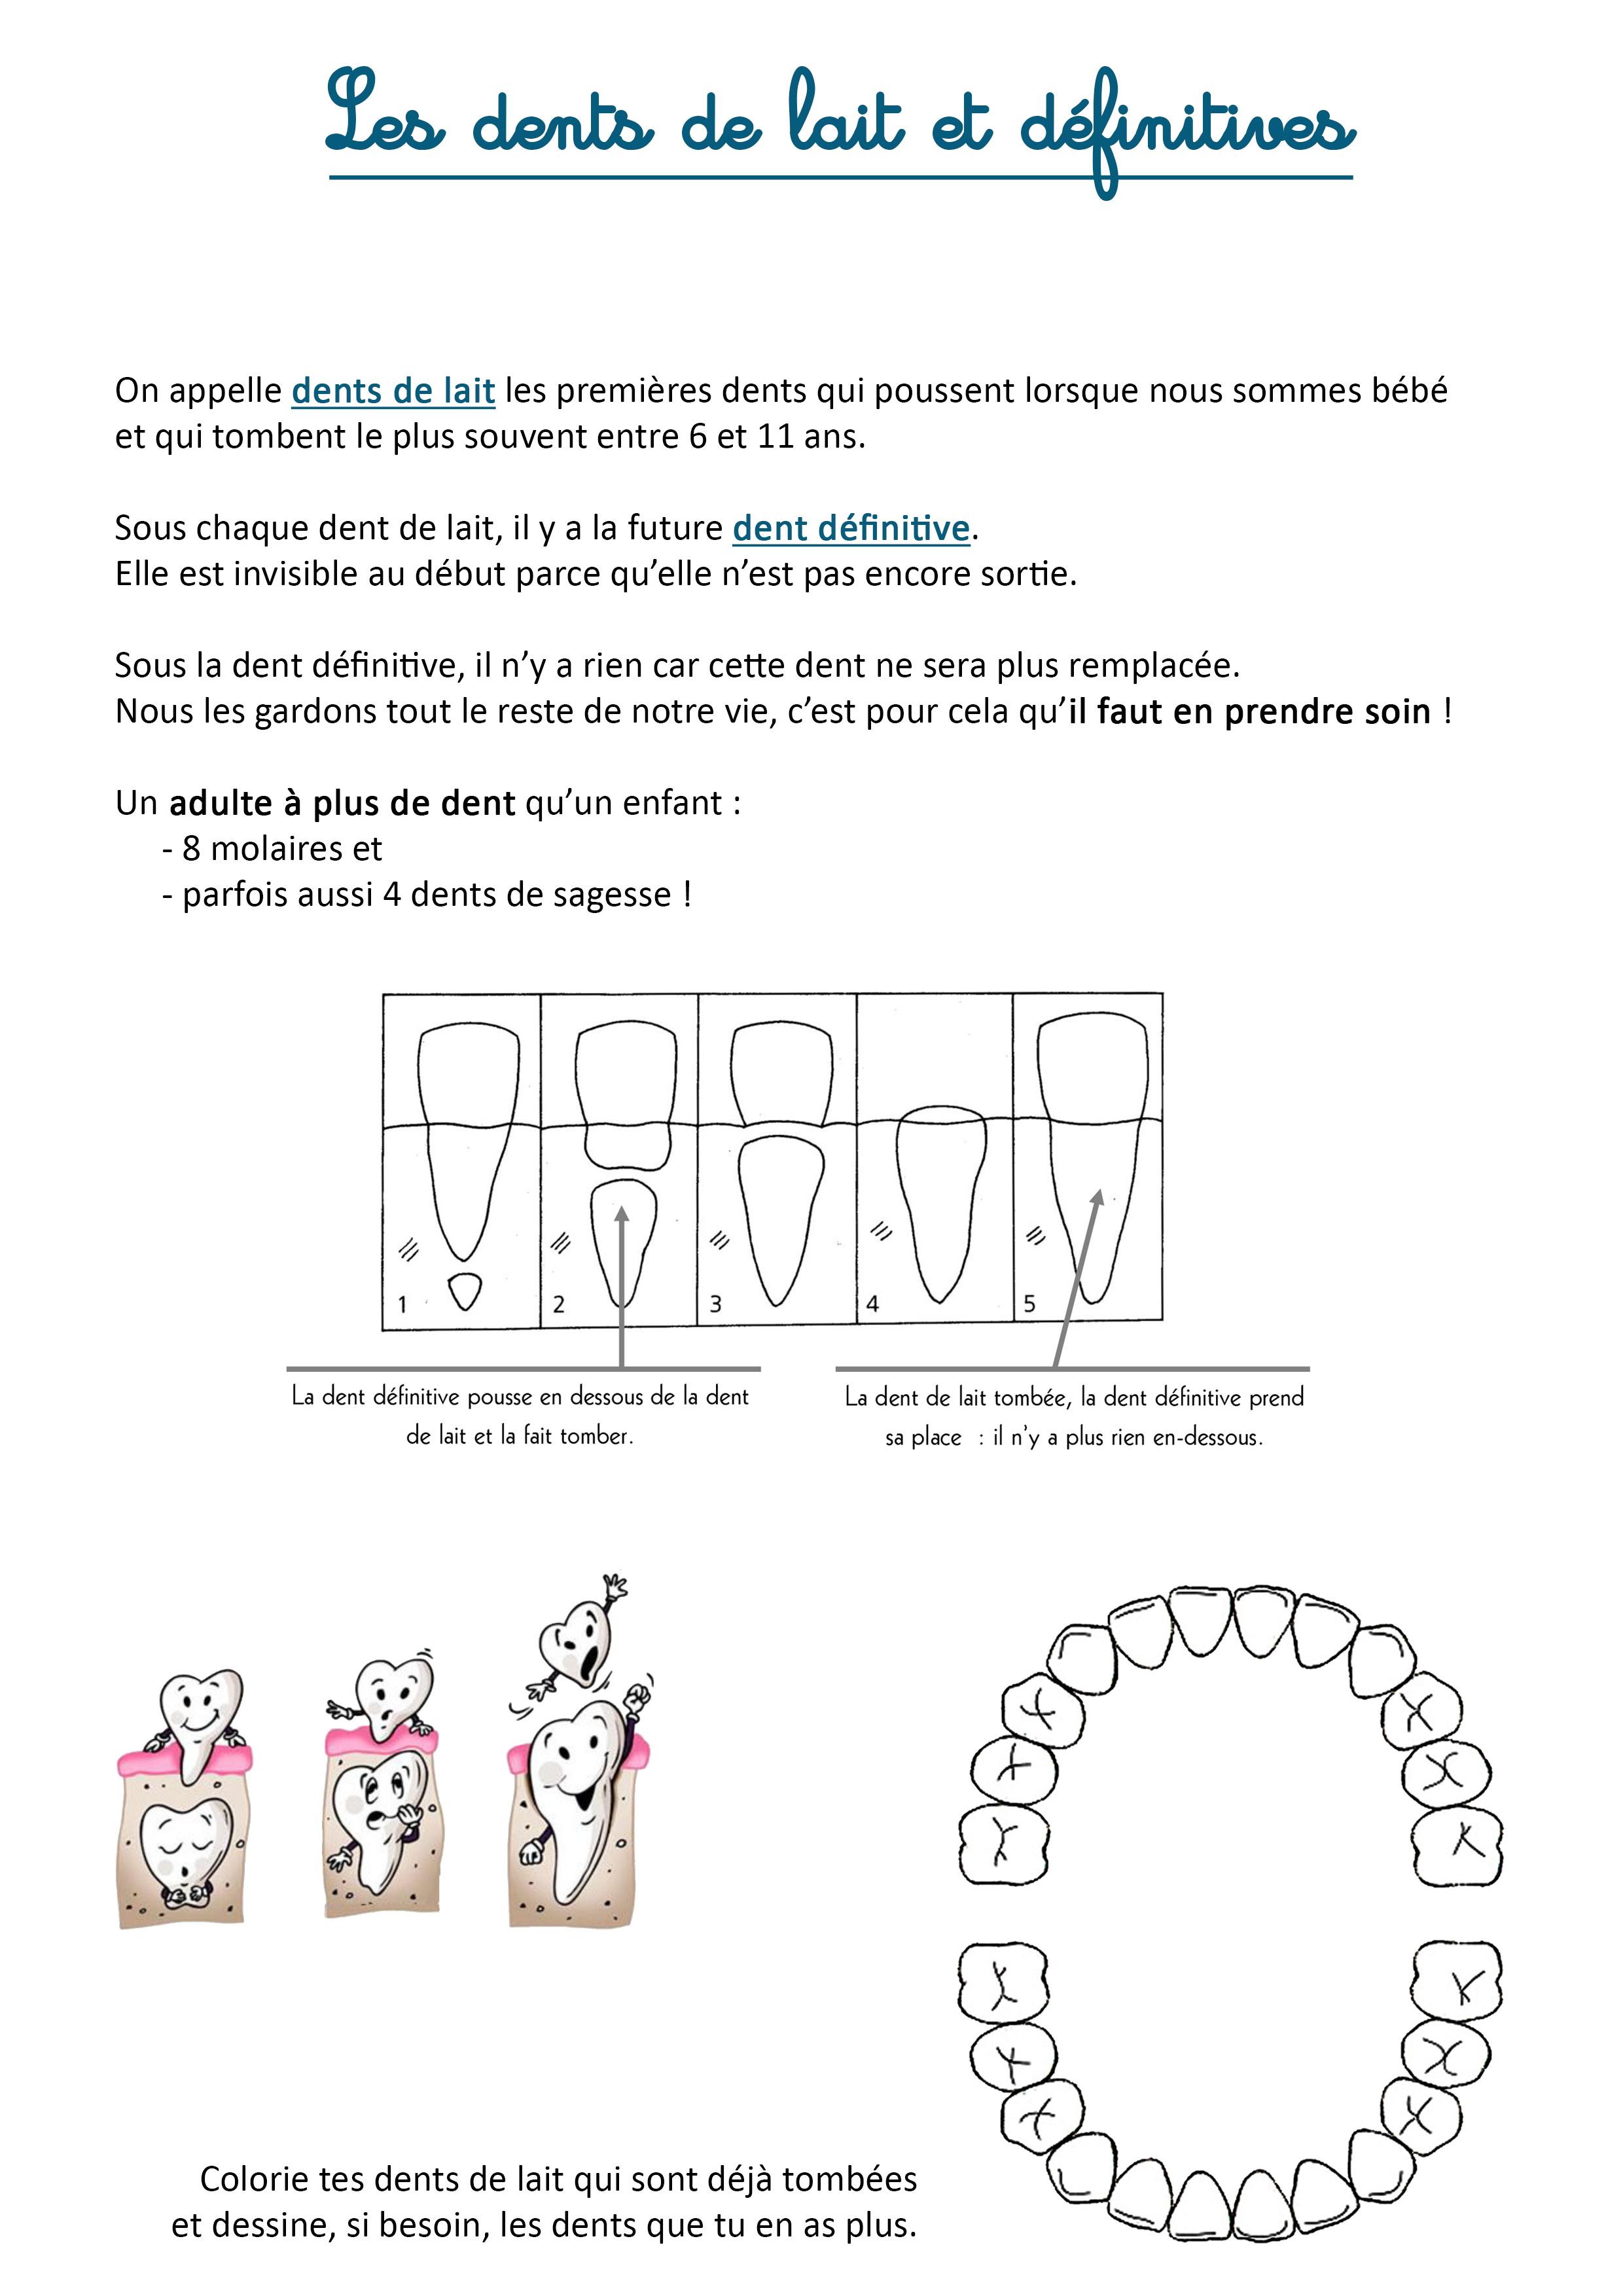 les dents de lait et définitives